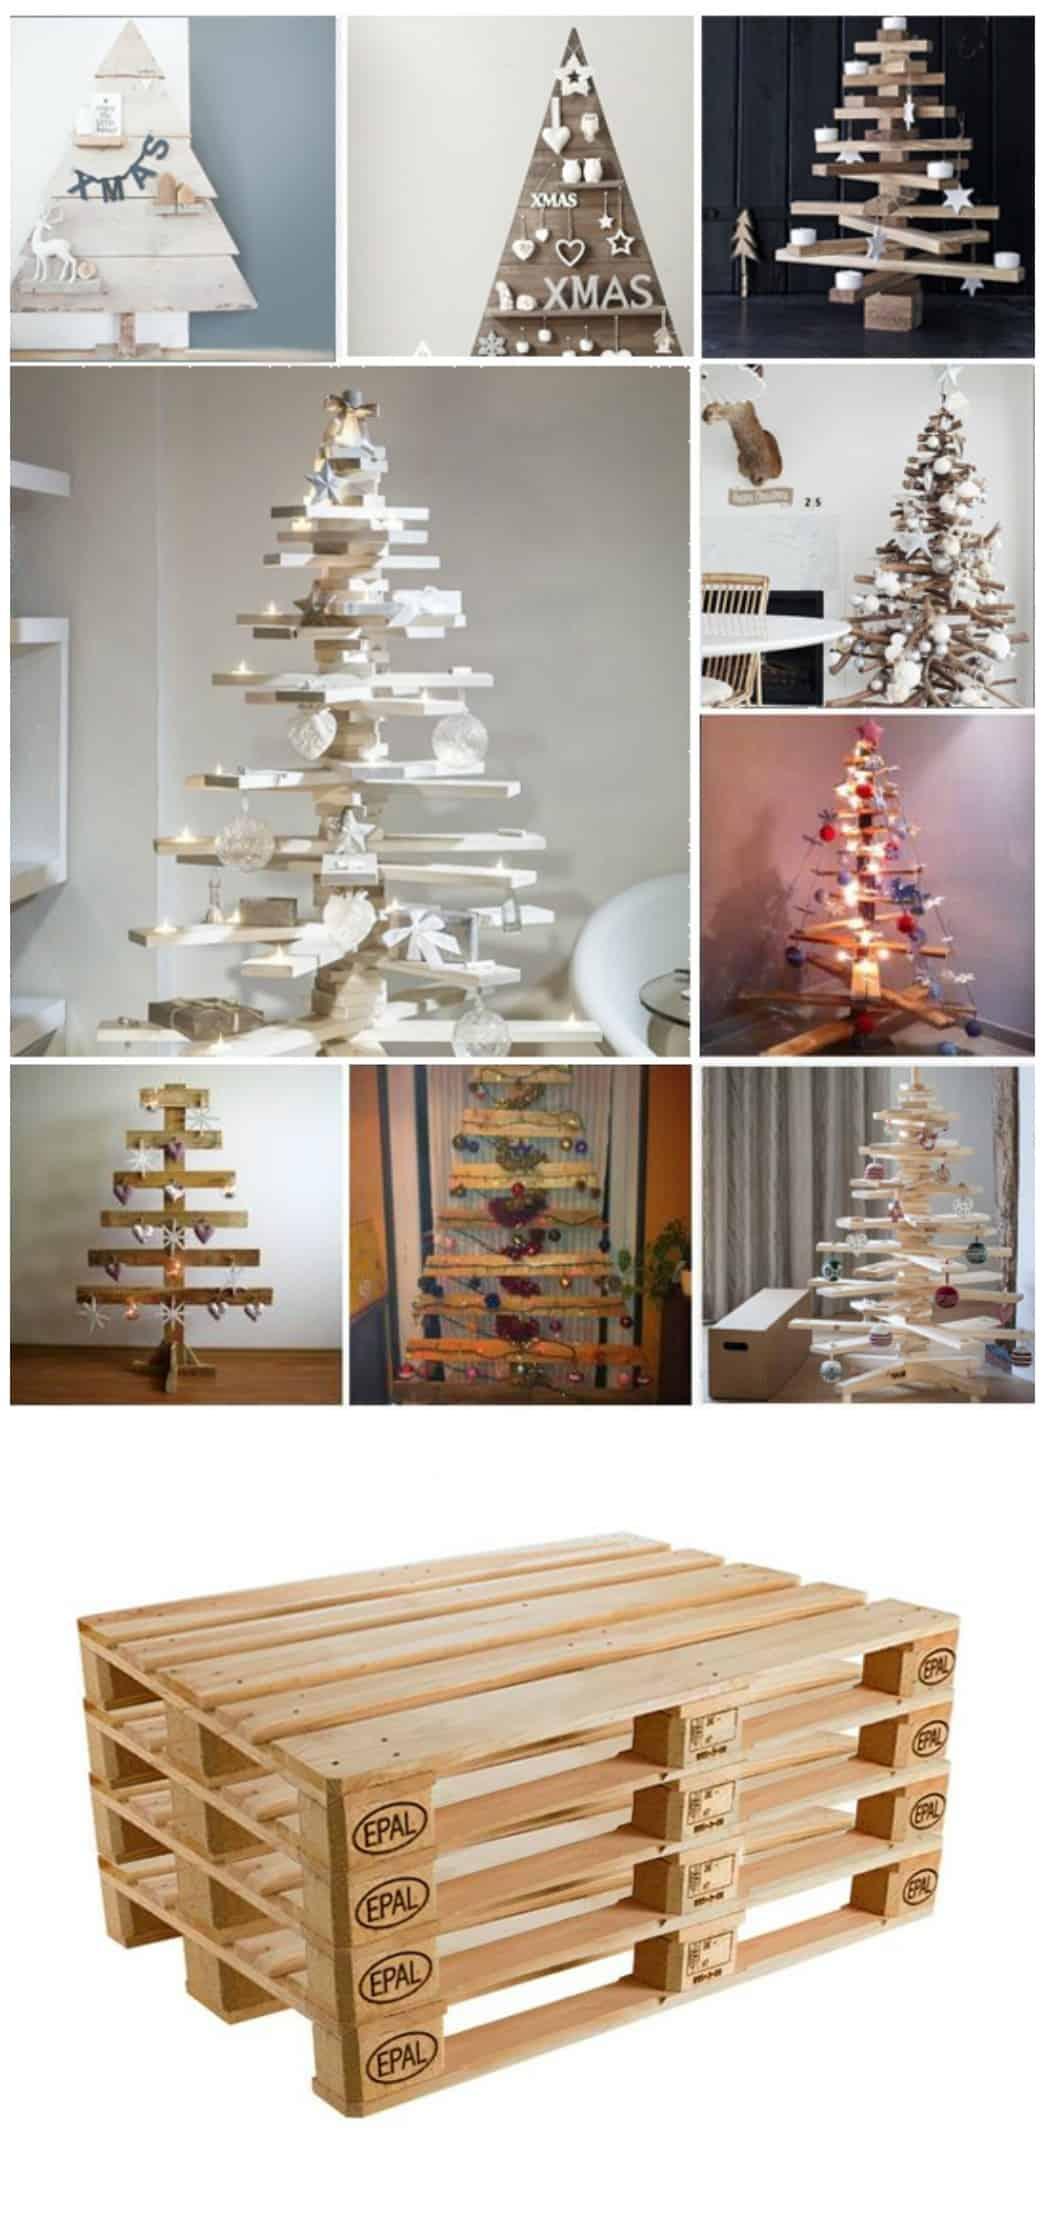 alberi di natale con pallet idee tutorial diy per l'arredo di casa natalizio